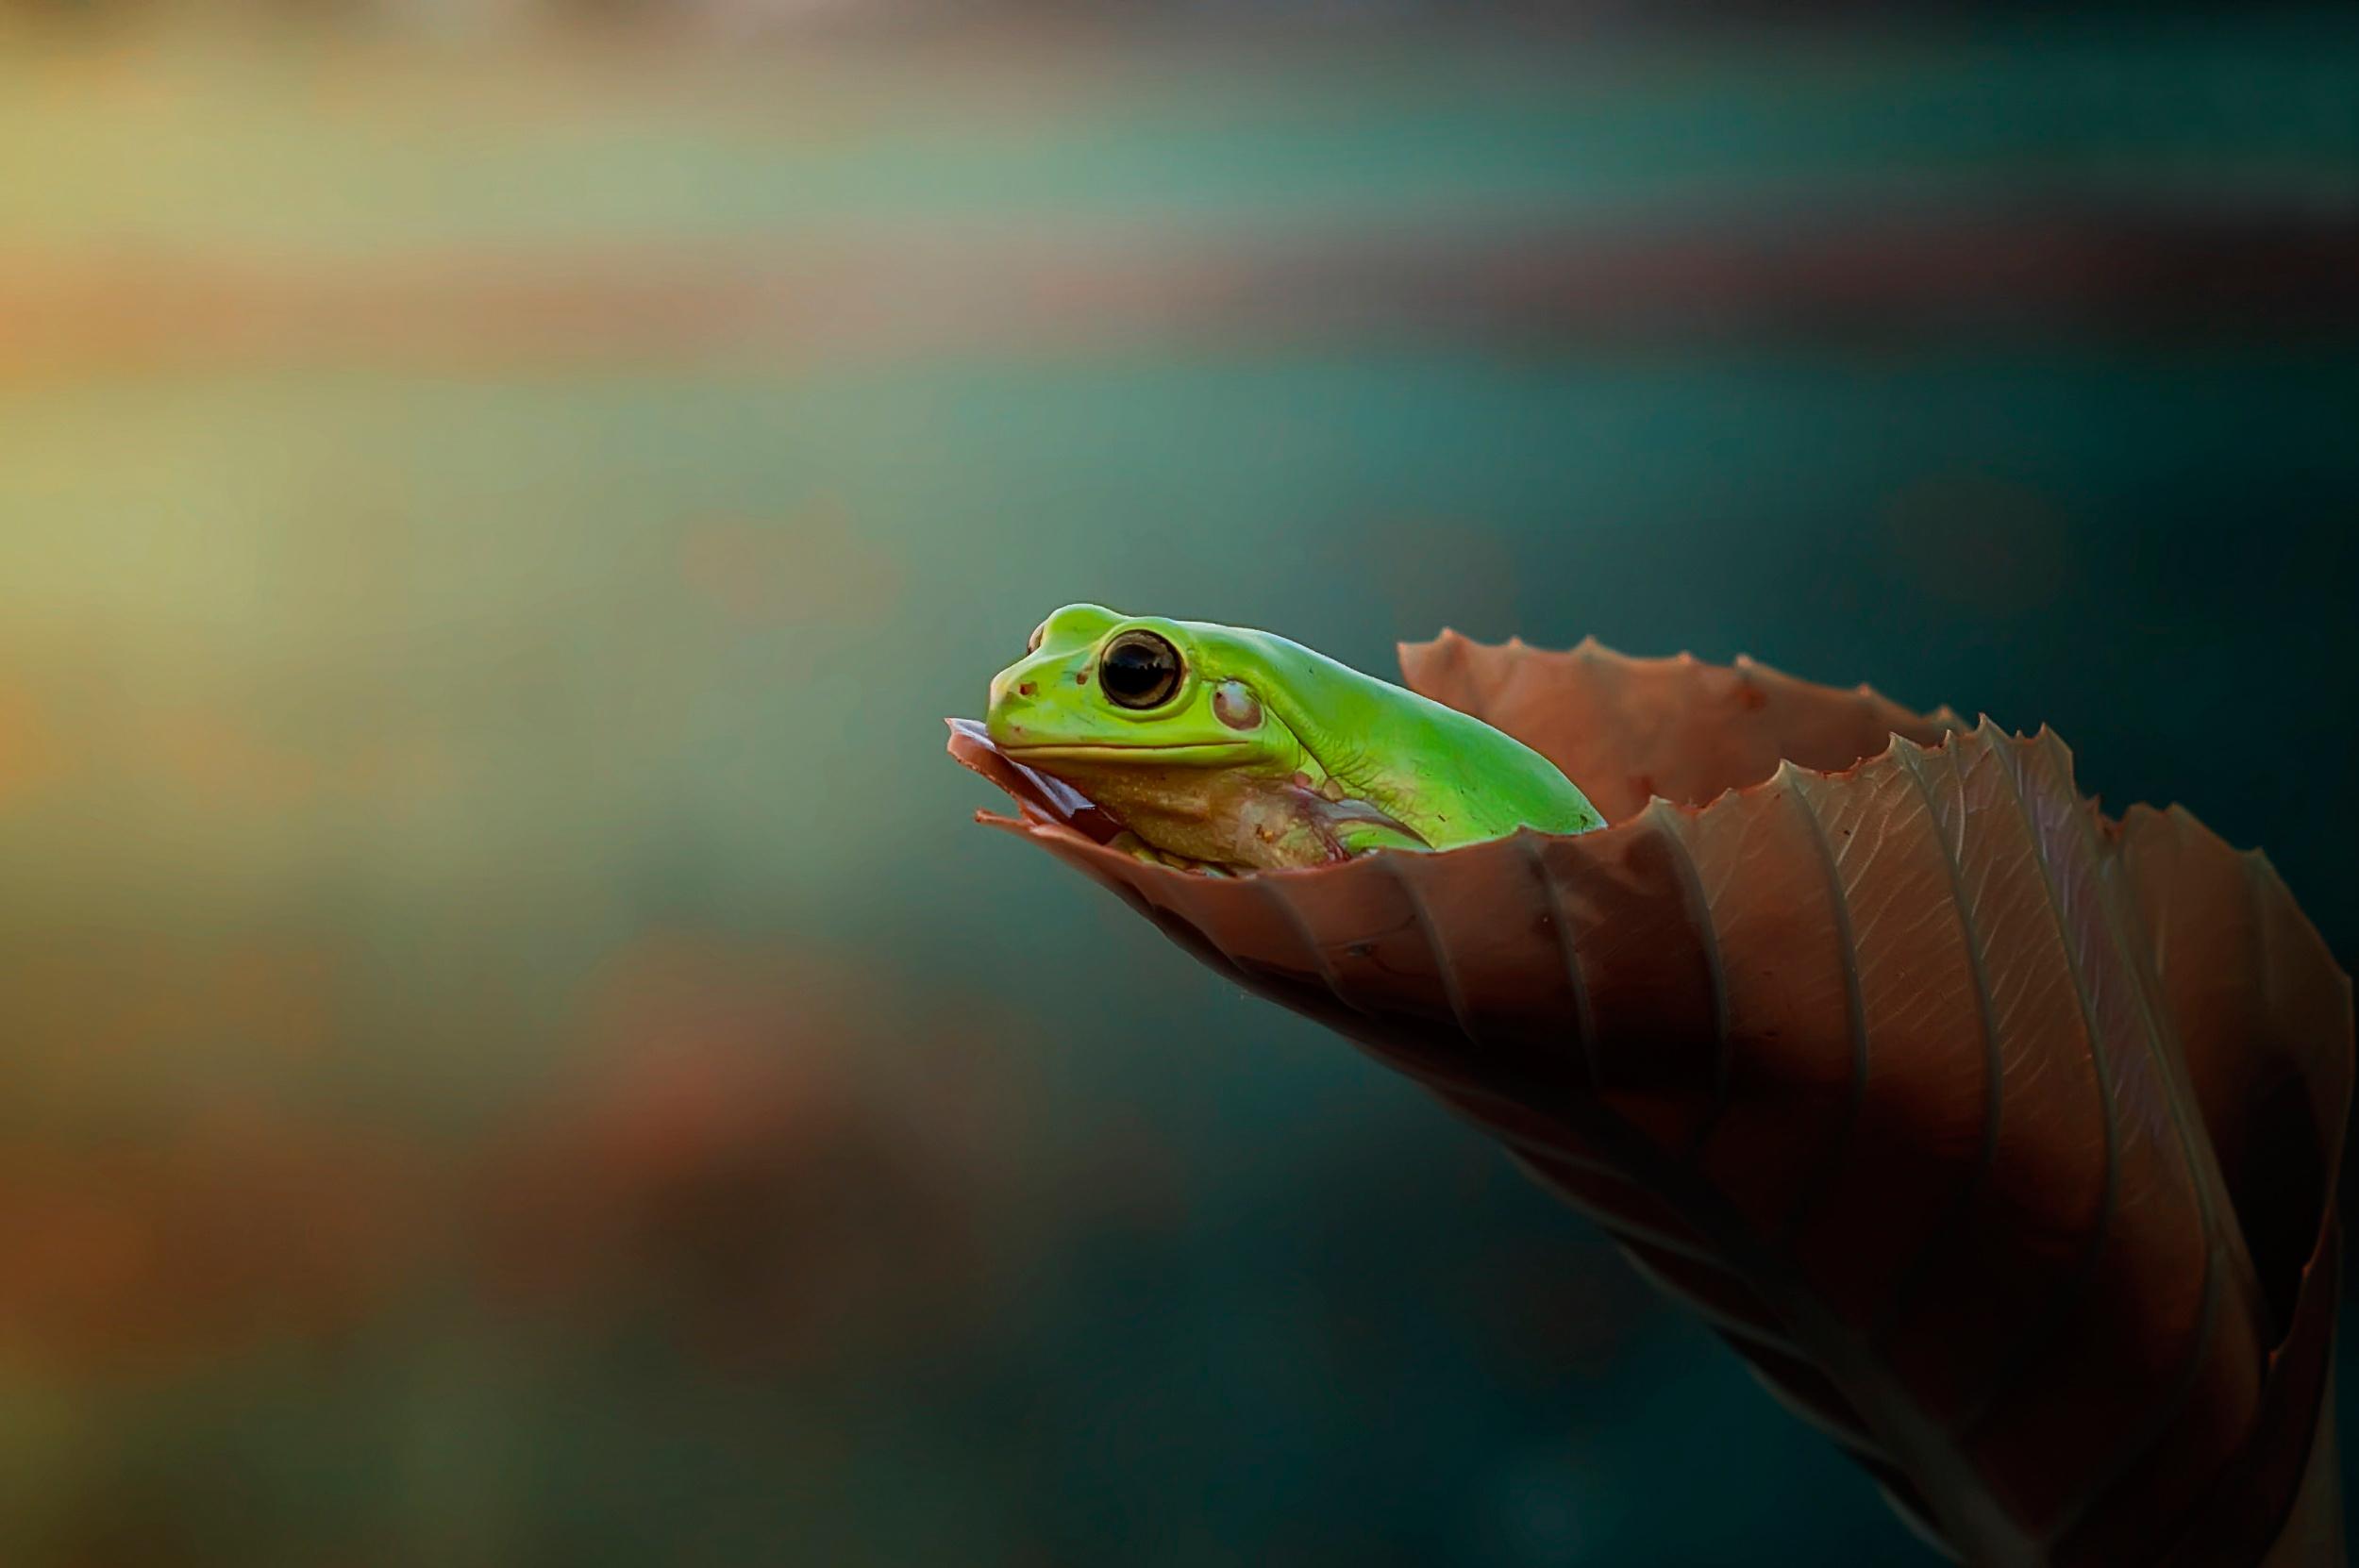 жаба лист фон  № 3164590 бесплатно